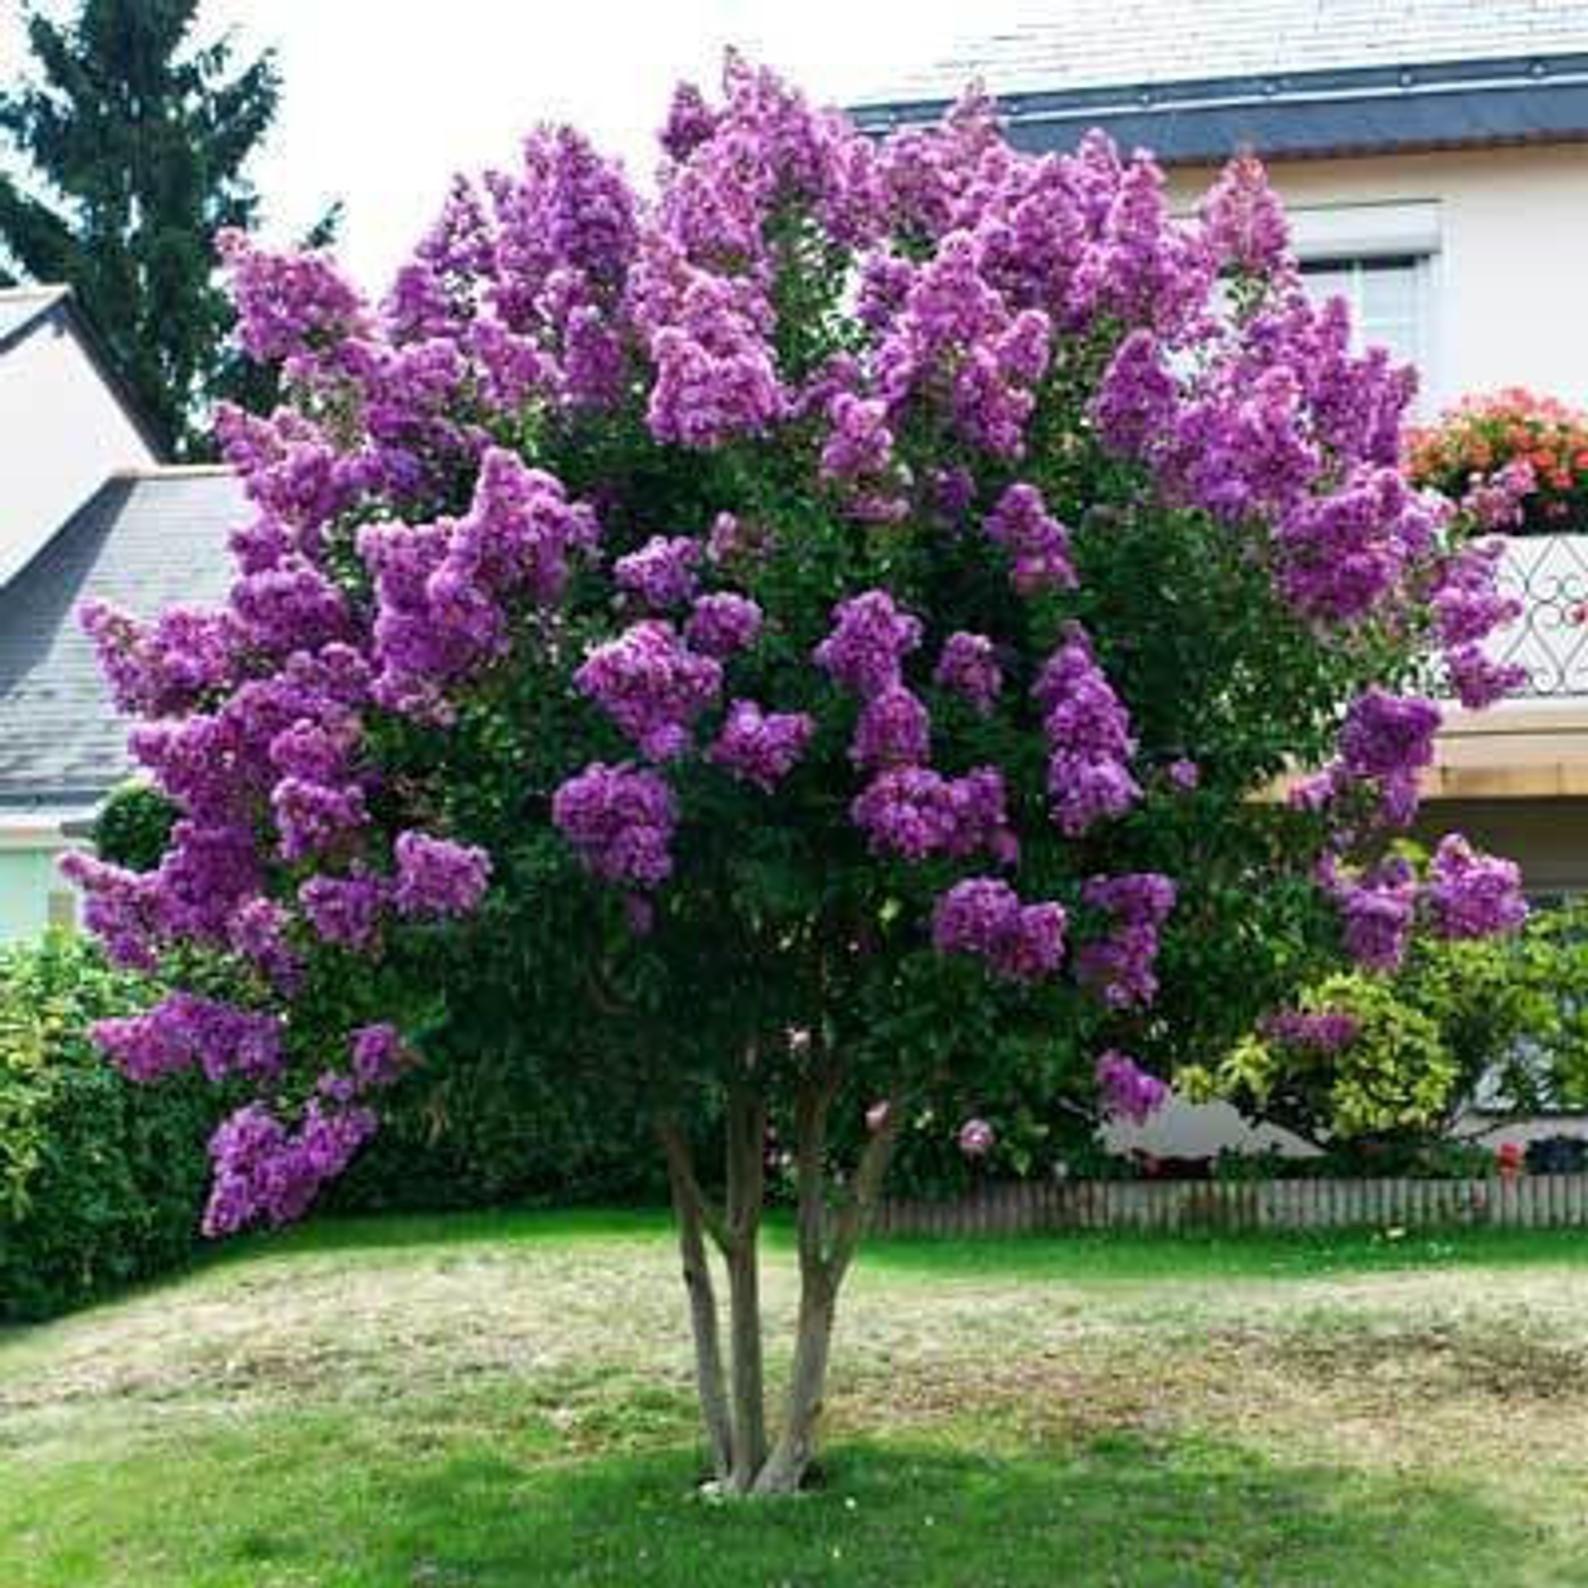 Crape myrtle catawba purple etsy in 2021 myrtle tree